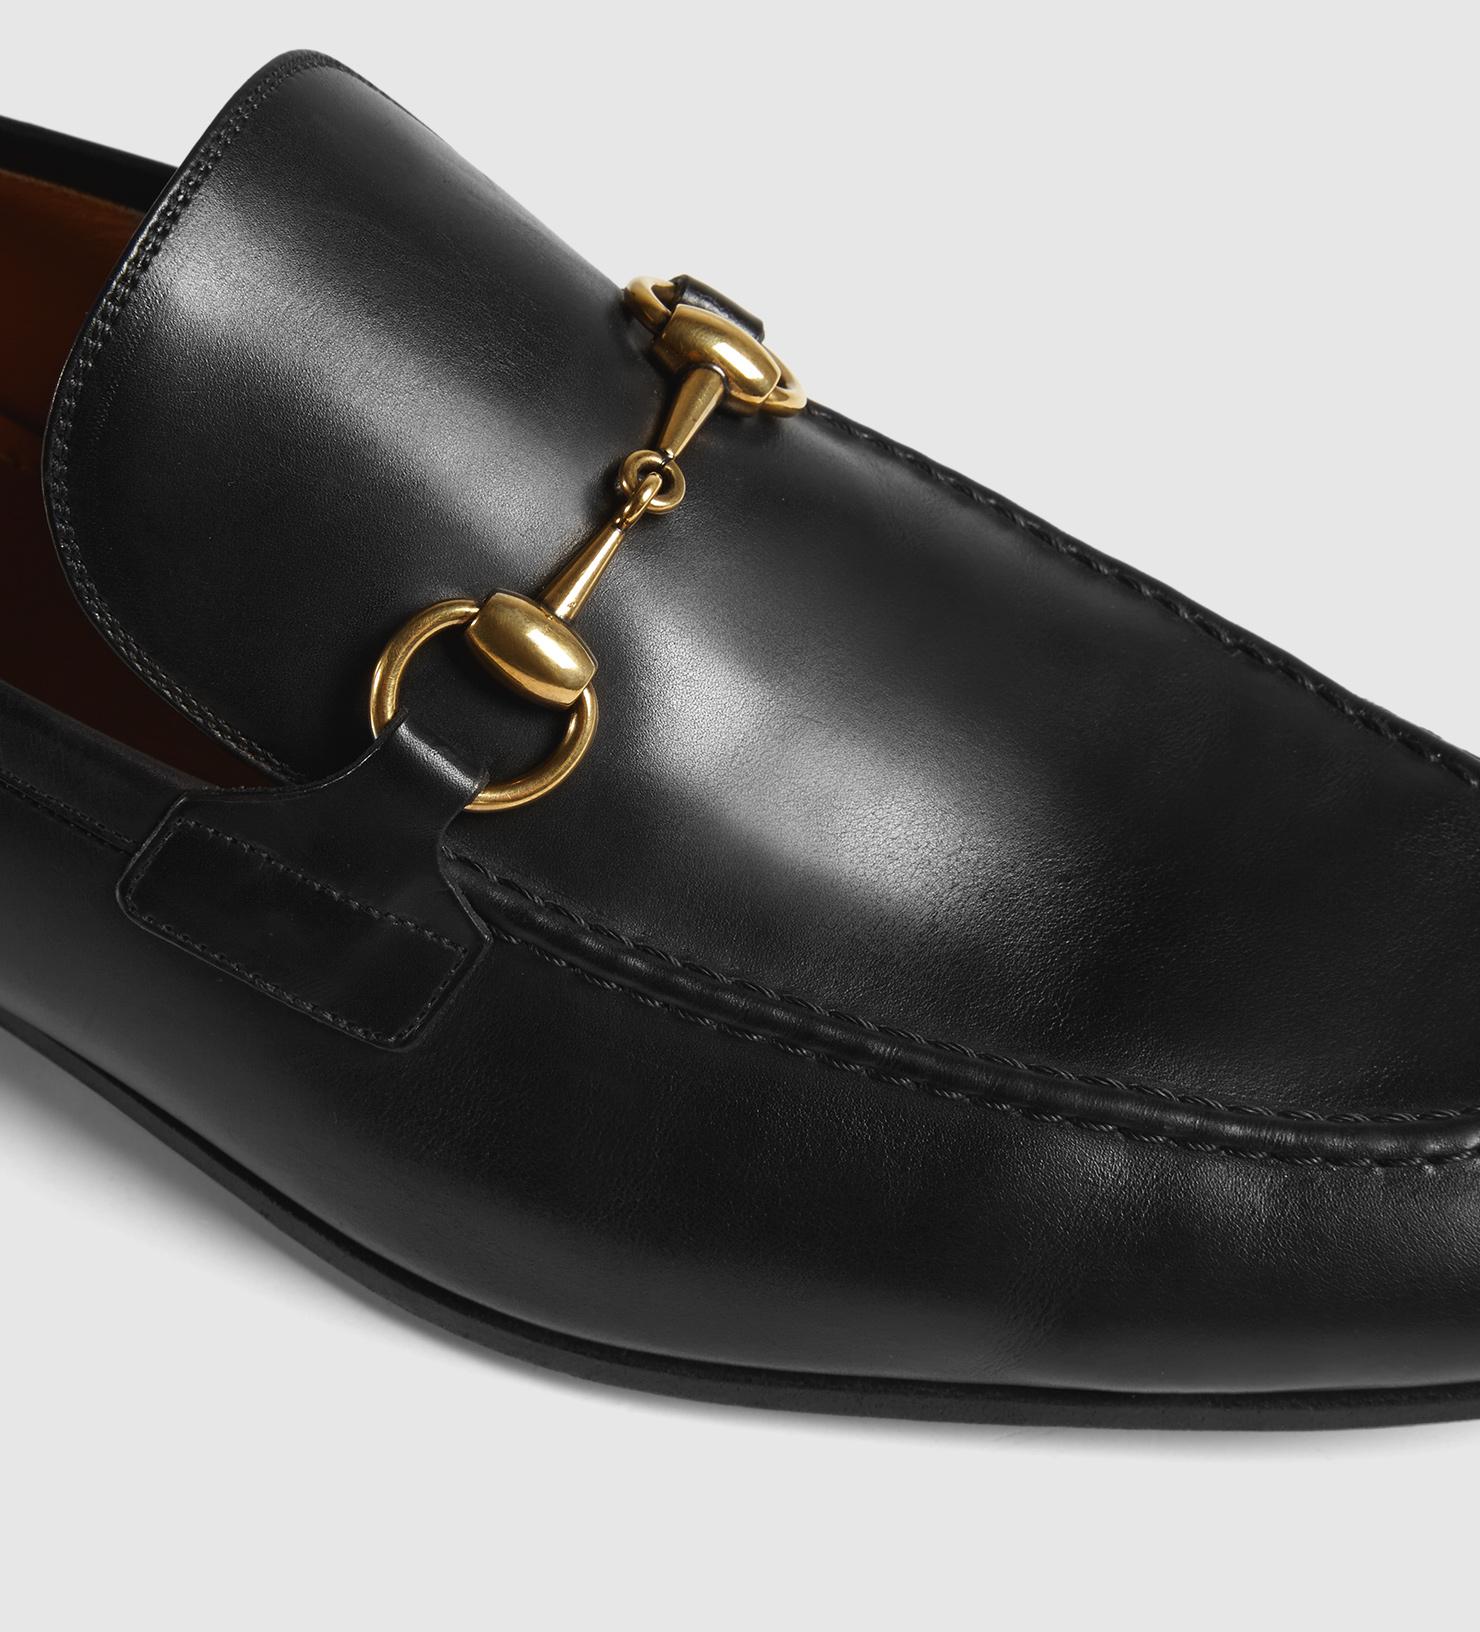 Black Color Dockers Men S Shoes